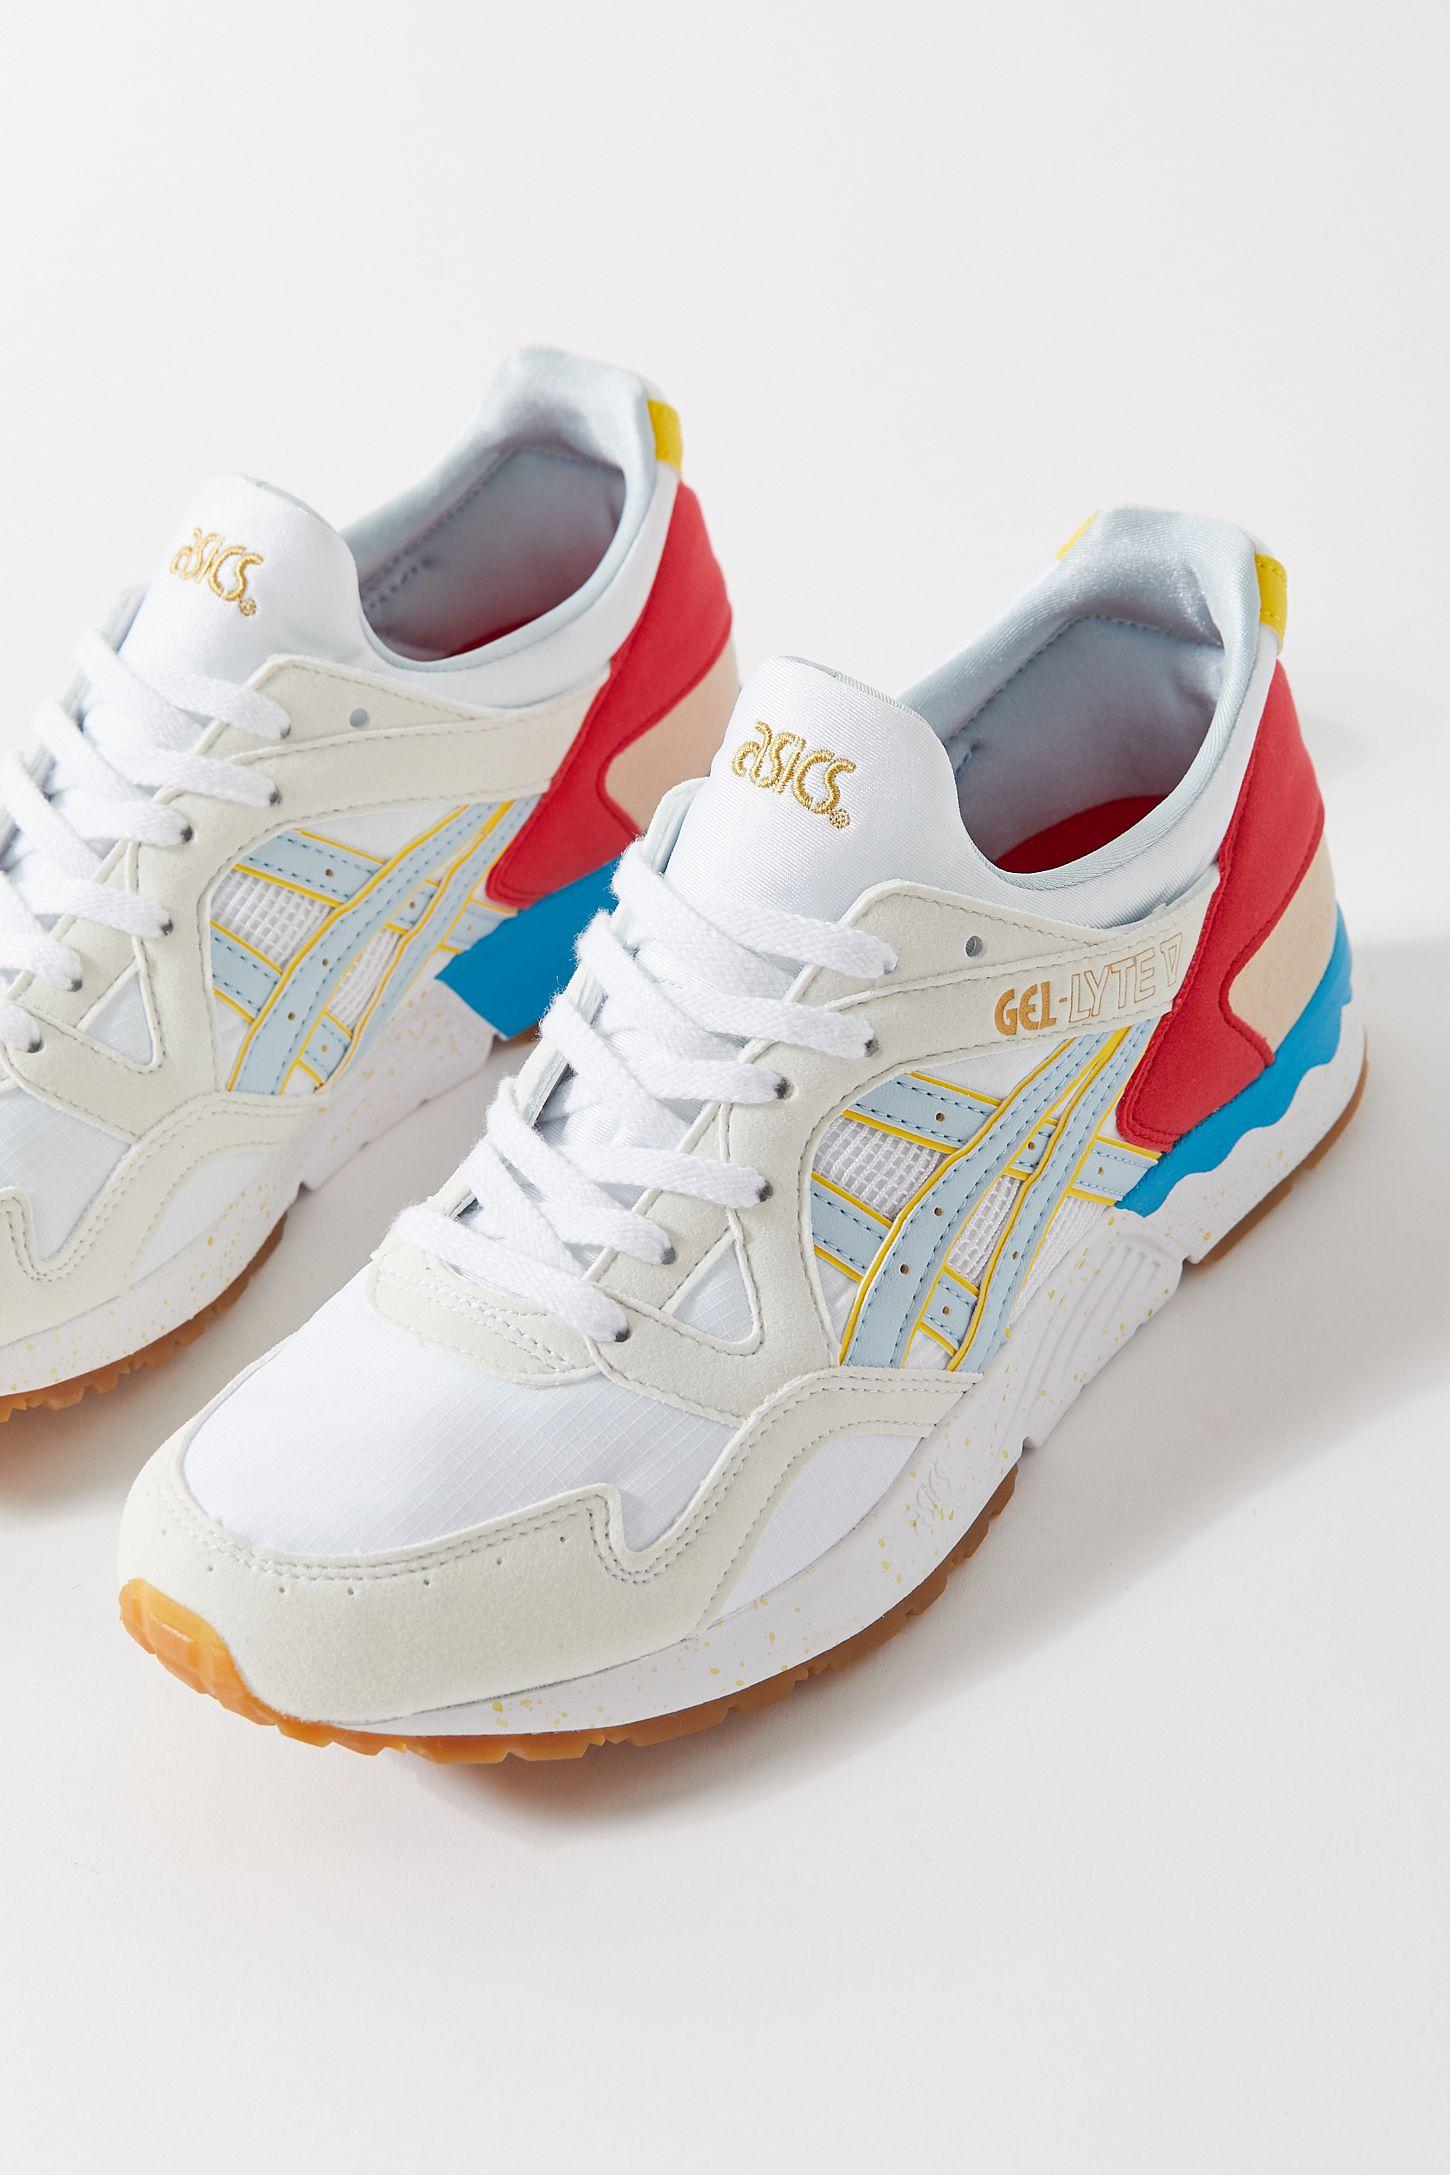 Asics GEL Lyte V Runner Sneaker